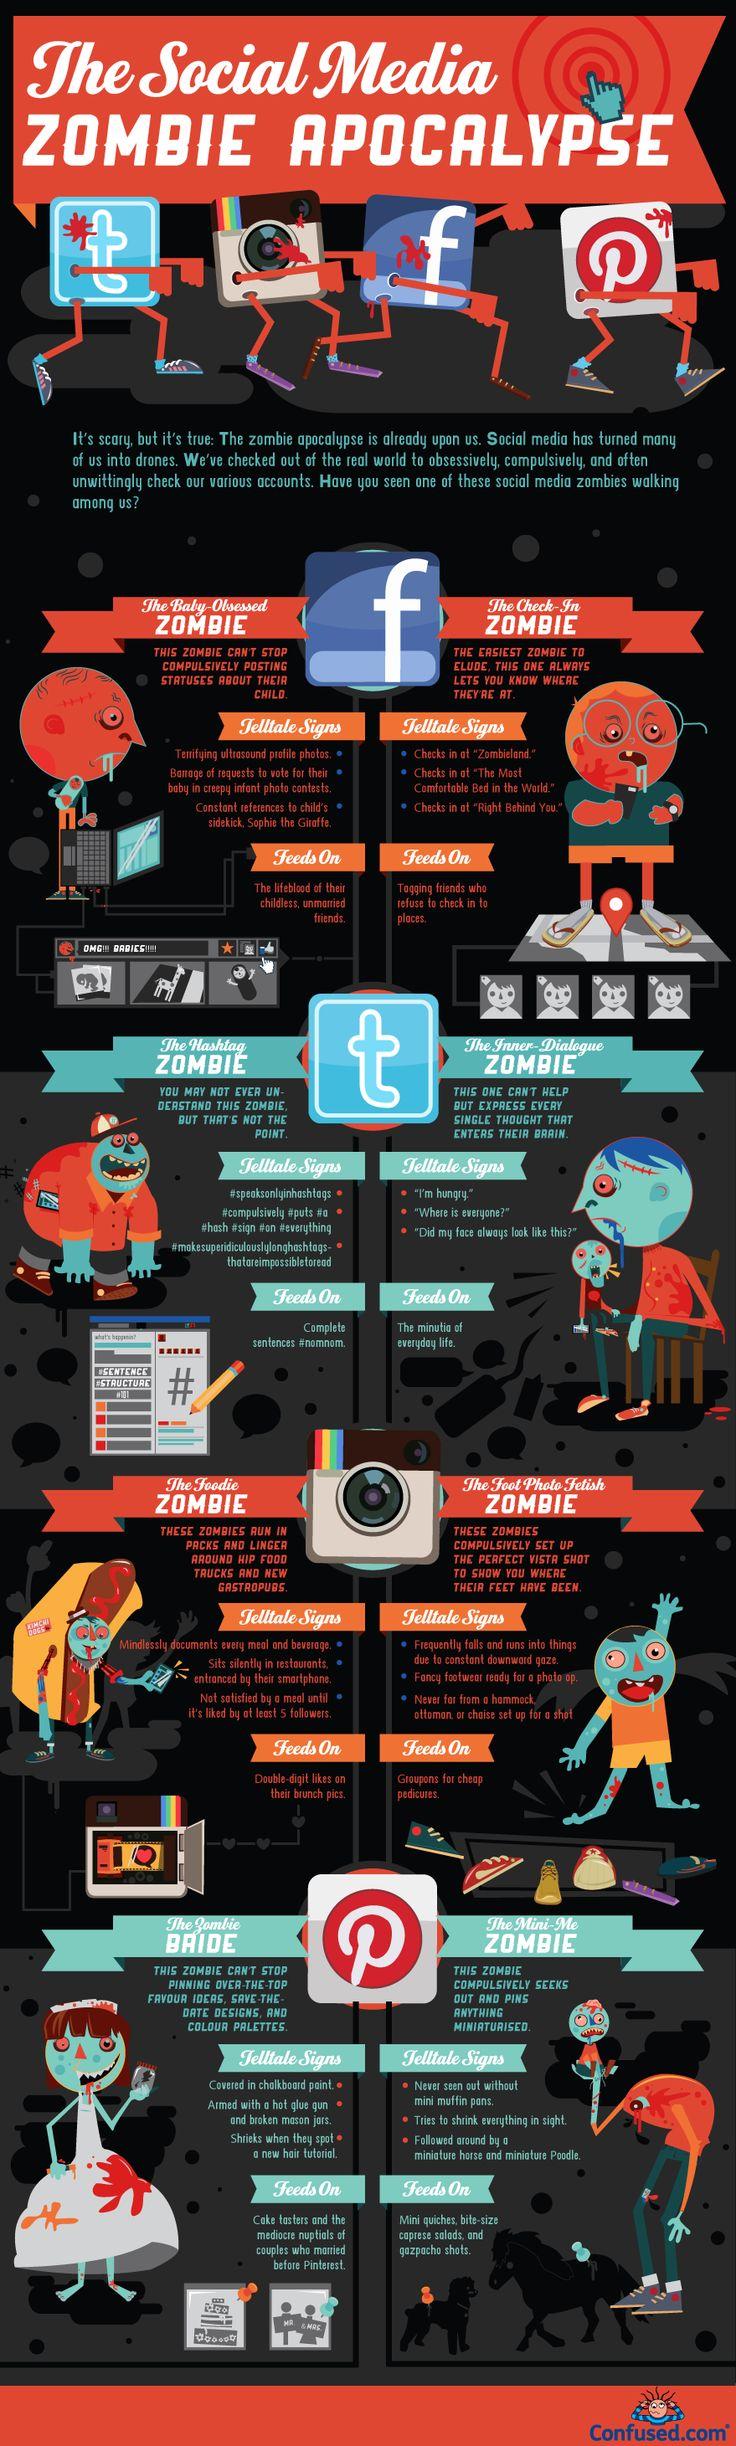 Médias sociaux : quel genre de zombies êtes-vous ?